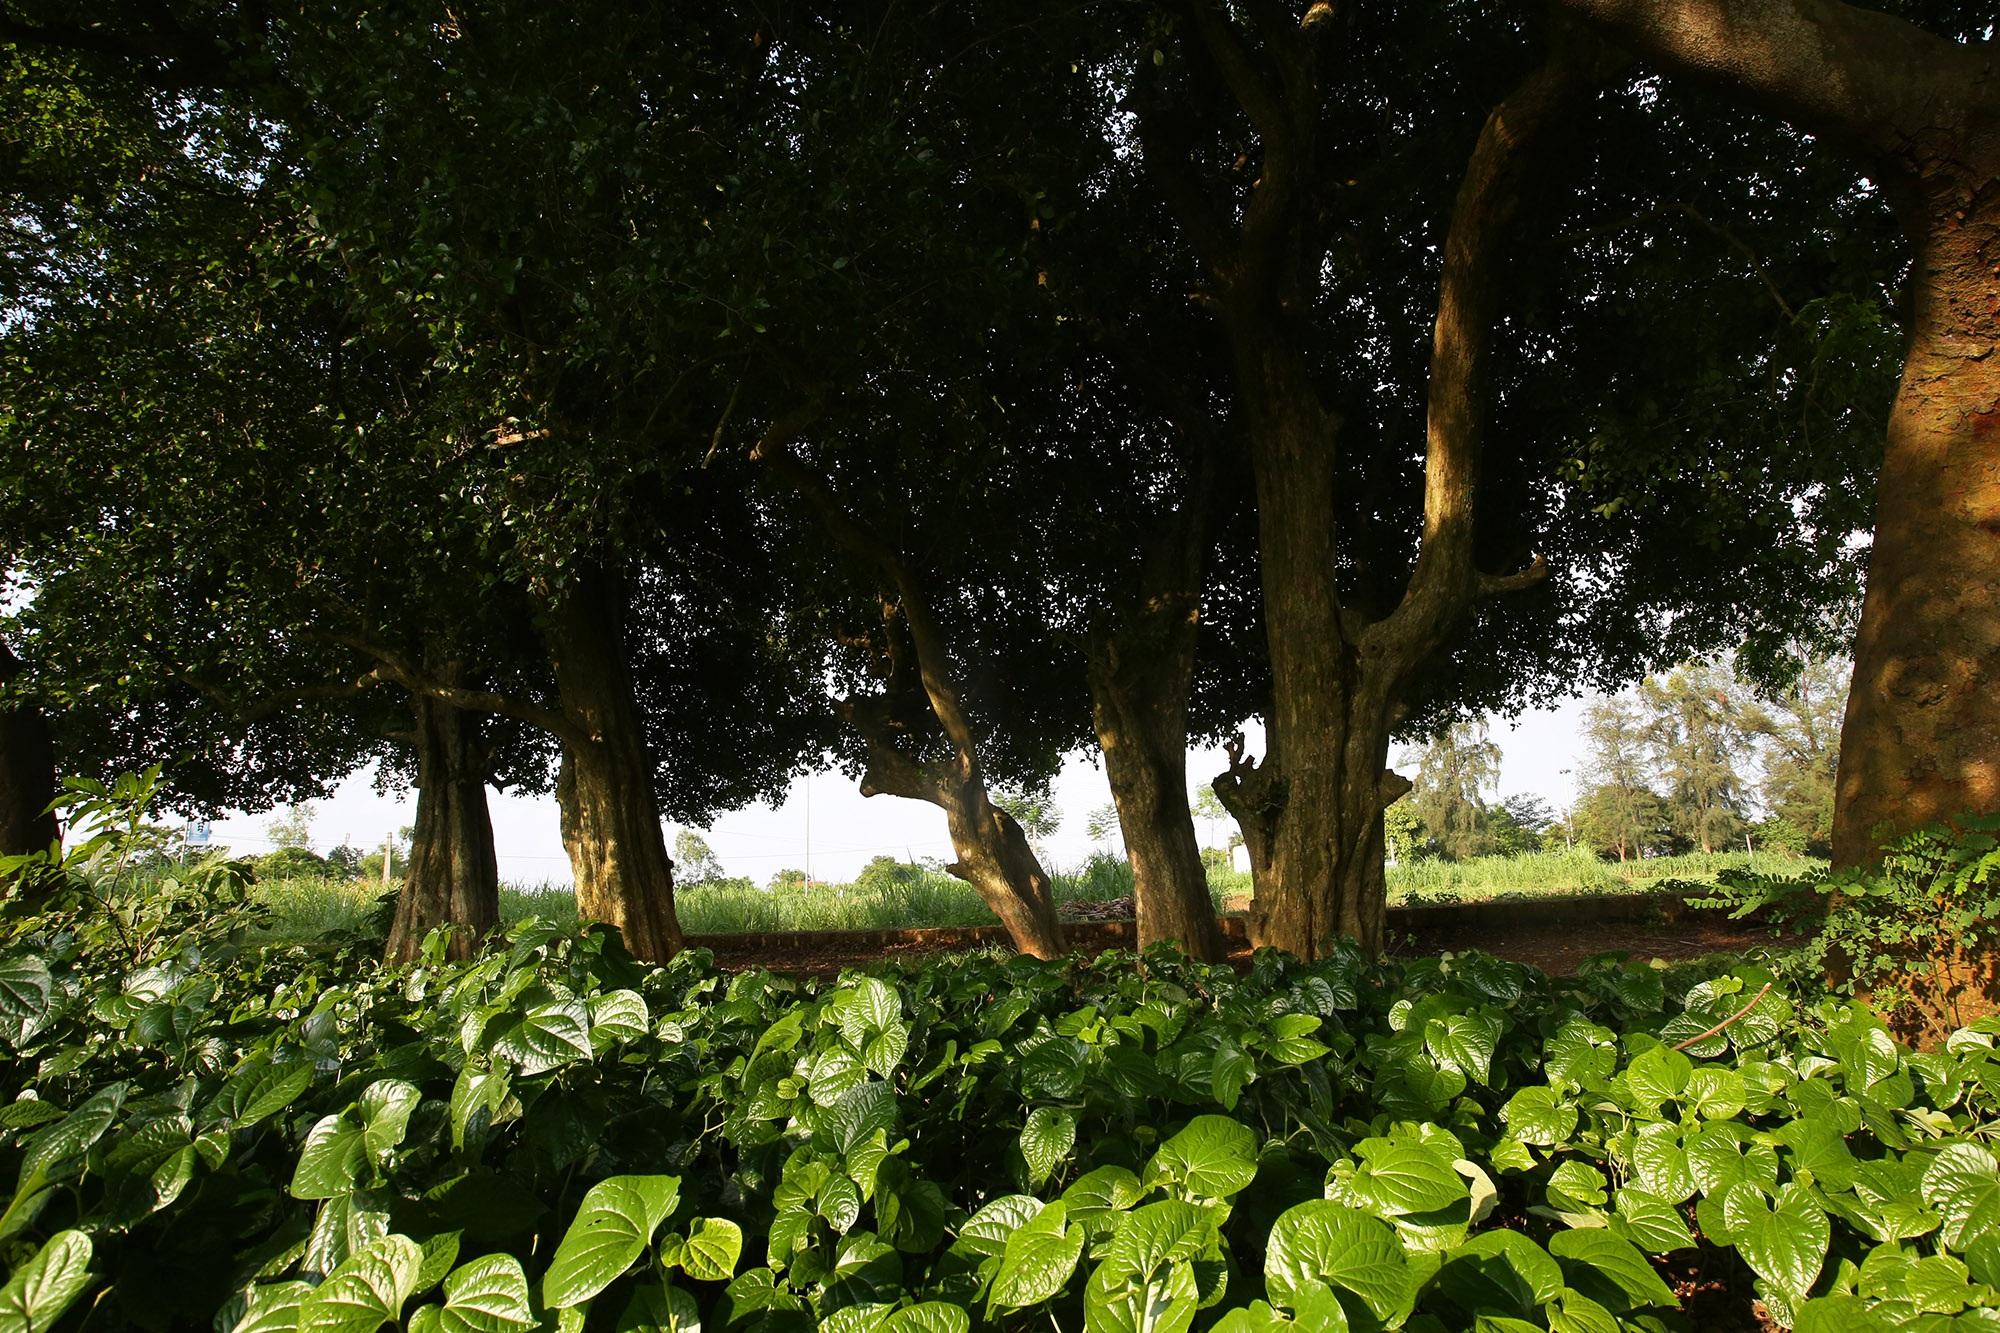 Rặng cây duối cổ hơn 1000 năm tuổi ở Hà Nội - 14